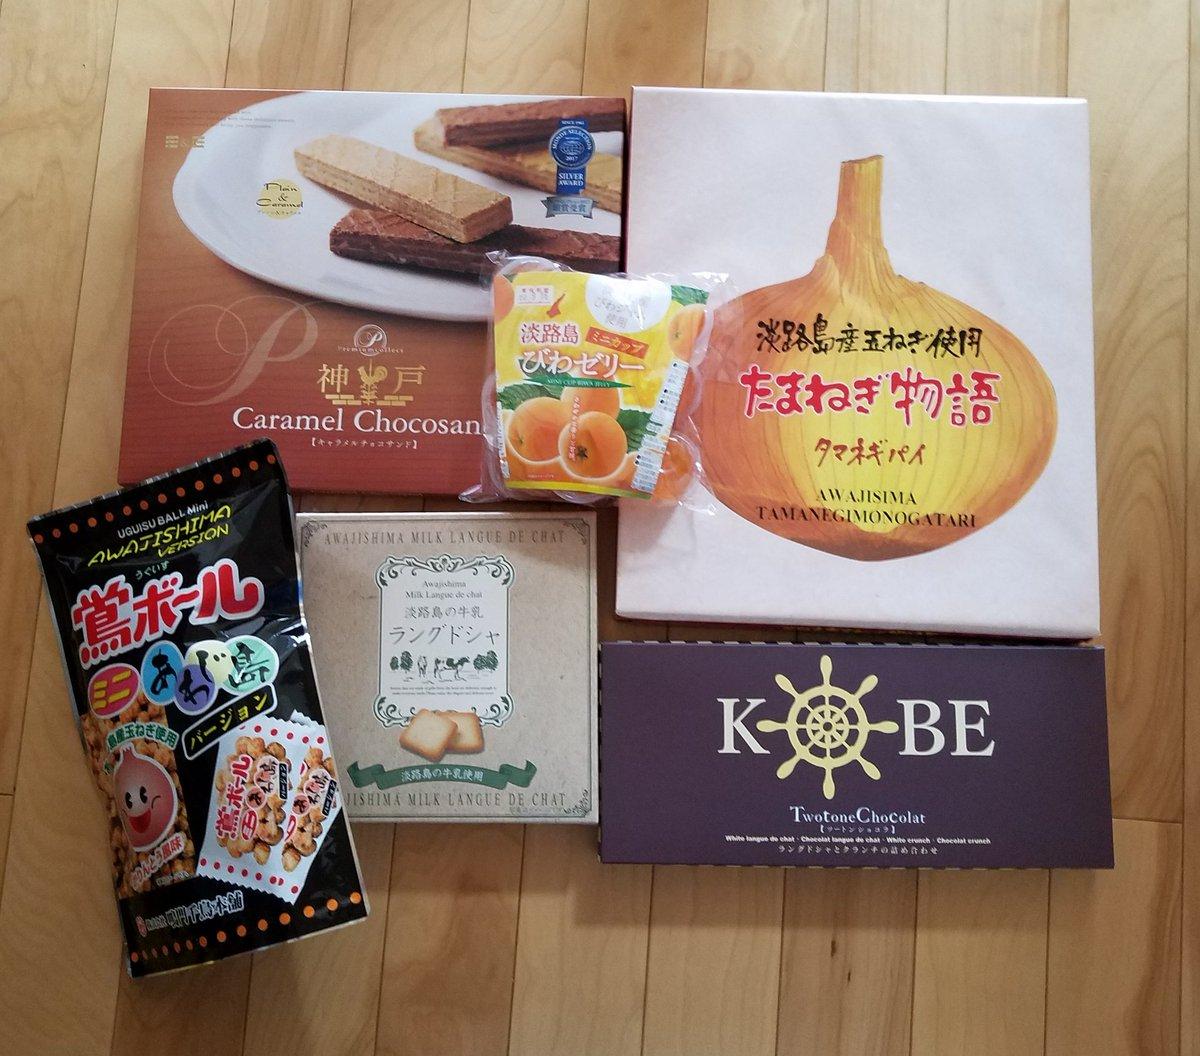 test ツイッターメディア - 3回目の購入💕 神戸の『キャラメルチョコサンド』がめっちゃ美味しくて、また入ってたらいいなぁ。と思い購入。願いは届き入ってました✨ びわゼリーも美味しいので、入ってて嬉しい😆うぐいすボール久しぶりに食べるなぁ😋 #淡路島福袋 #鳴門千鳥本舗 #復興応援福袋 https://t.co/iHDH0iRVrO